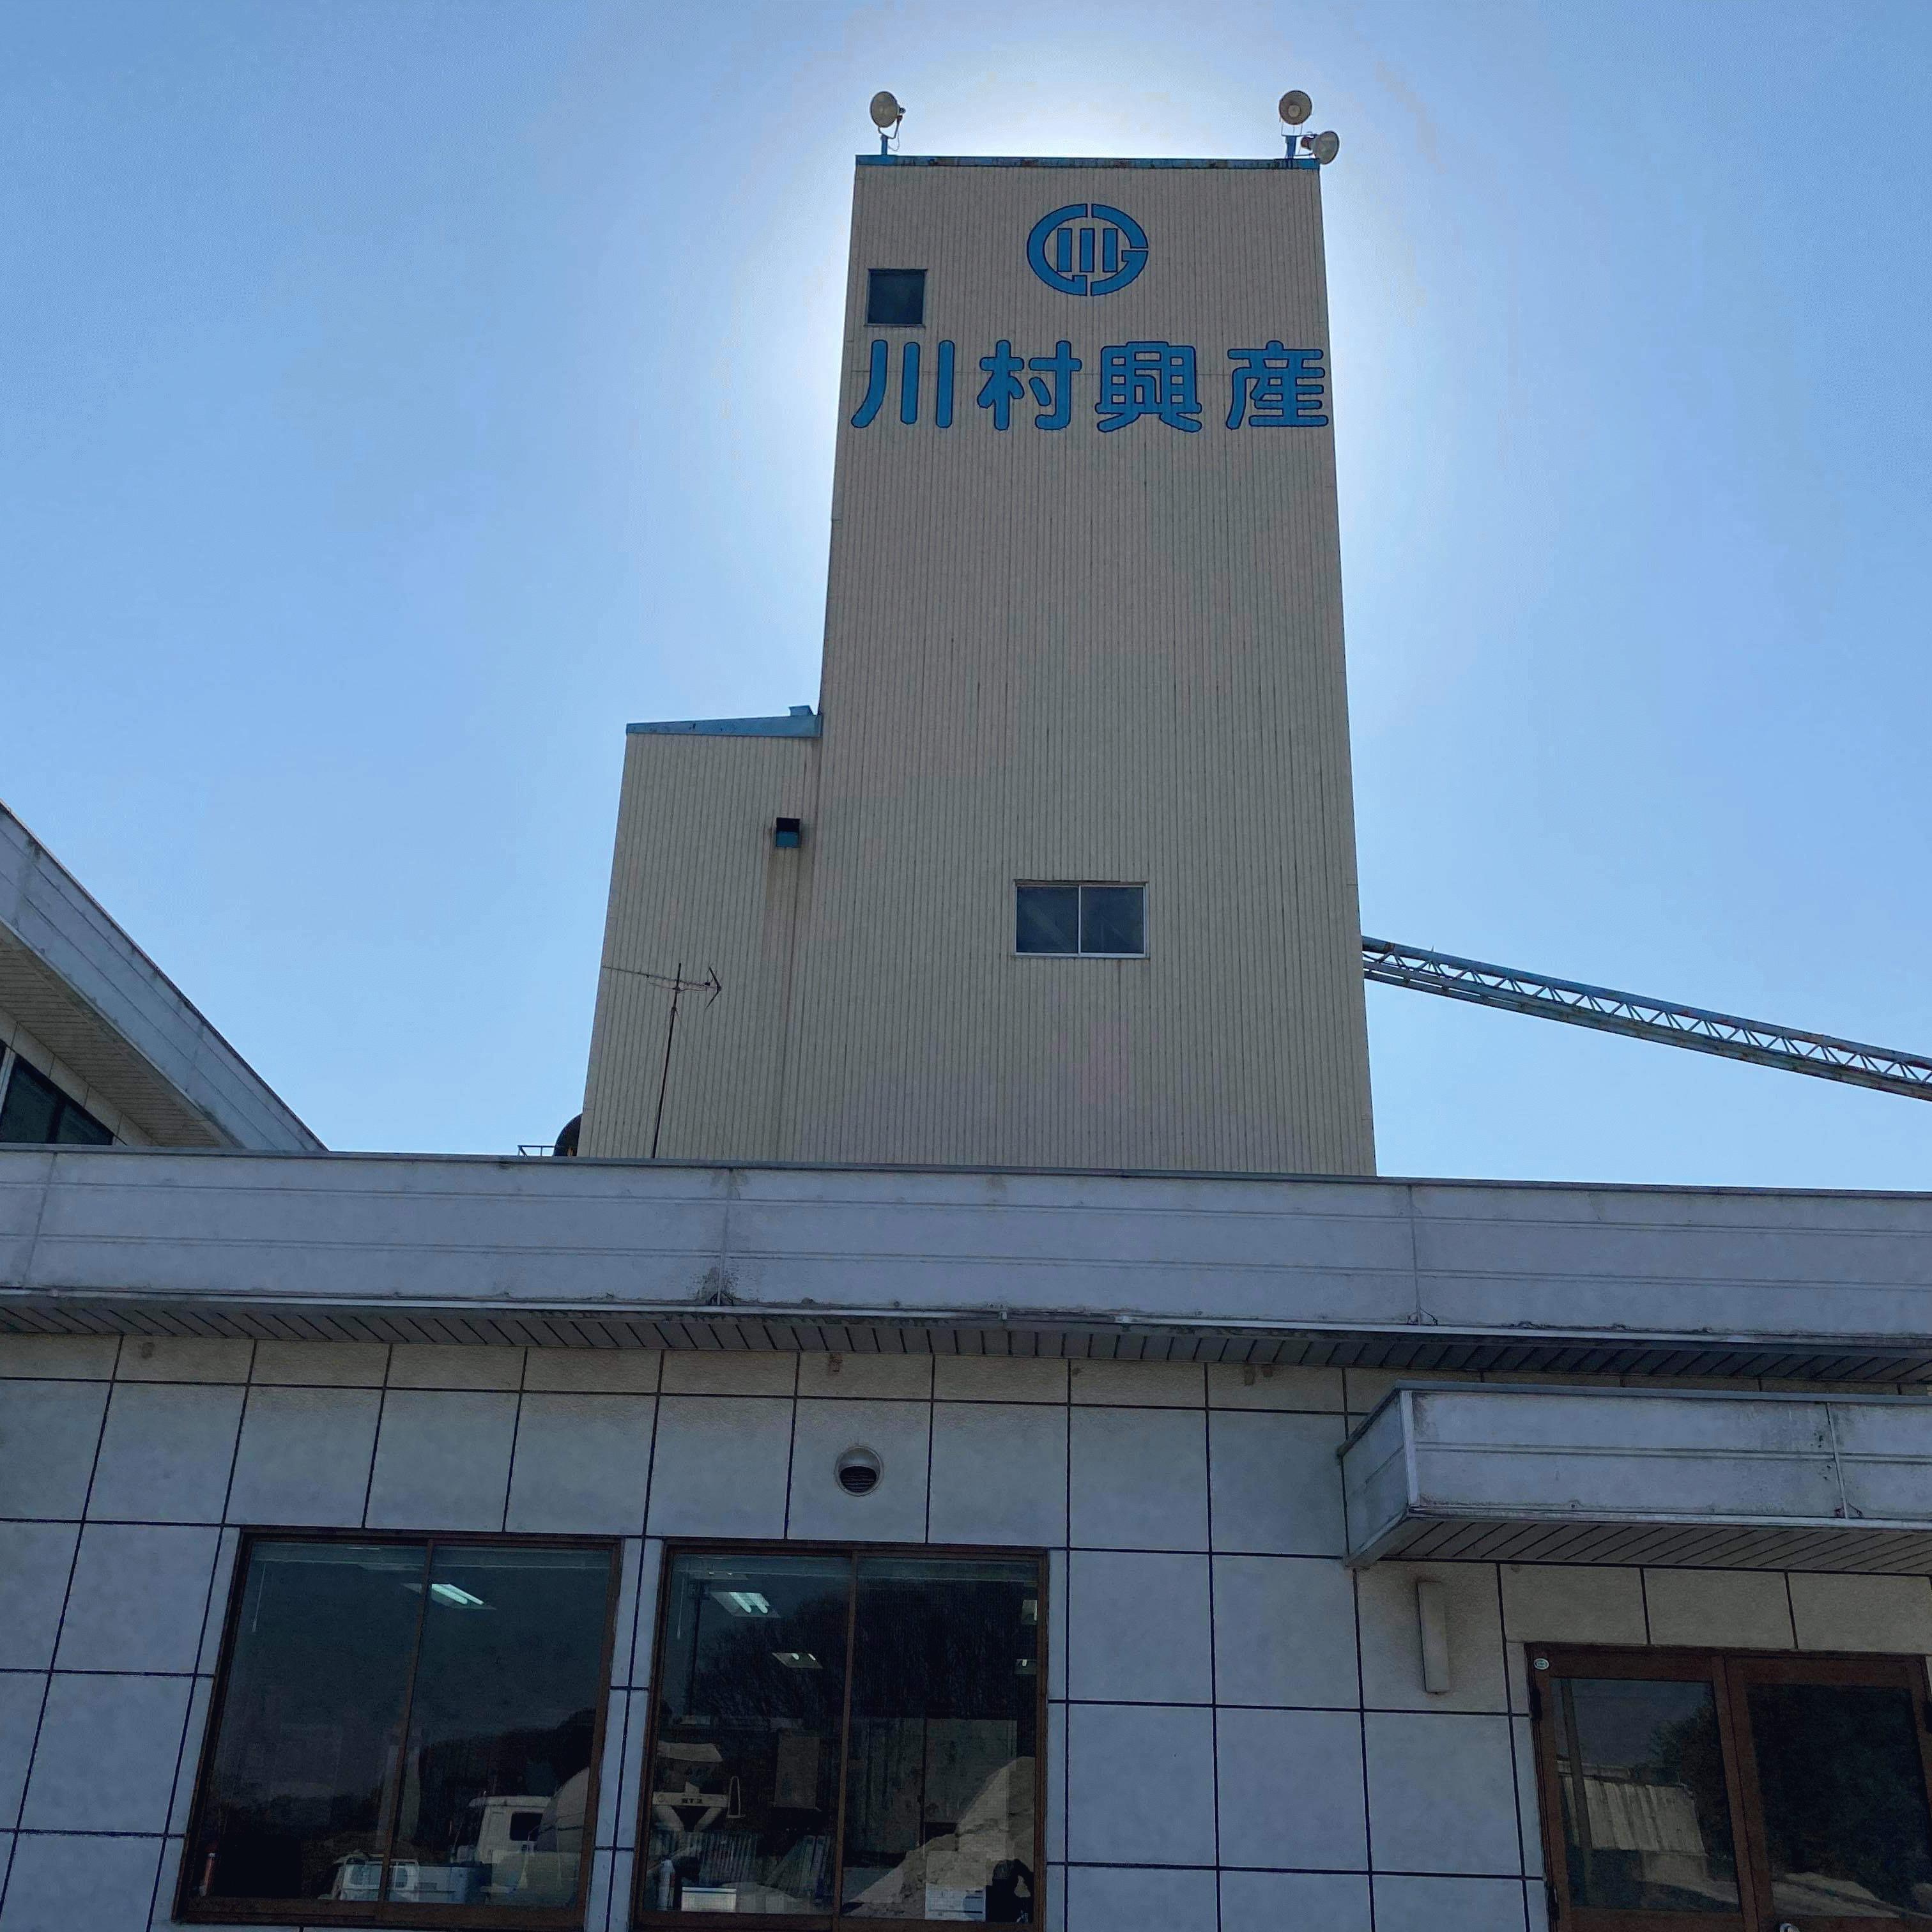 【埼玉】「埋もれるよりむかつかれた方がマシだ」川村興産